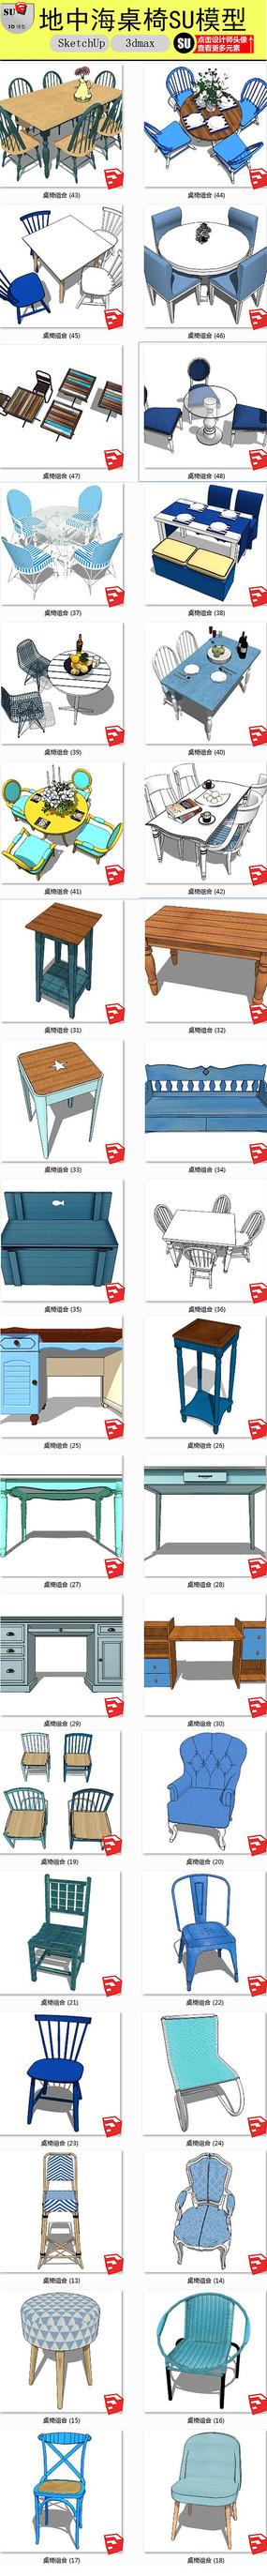 地中海桌椅组合SU模型